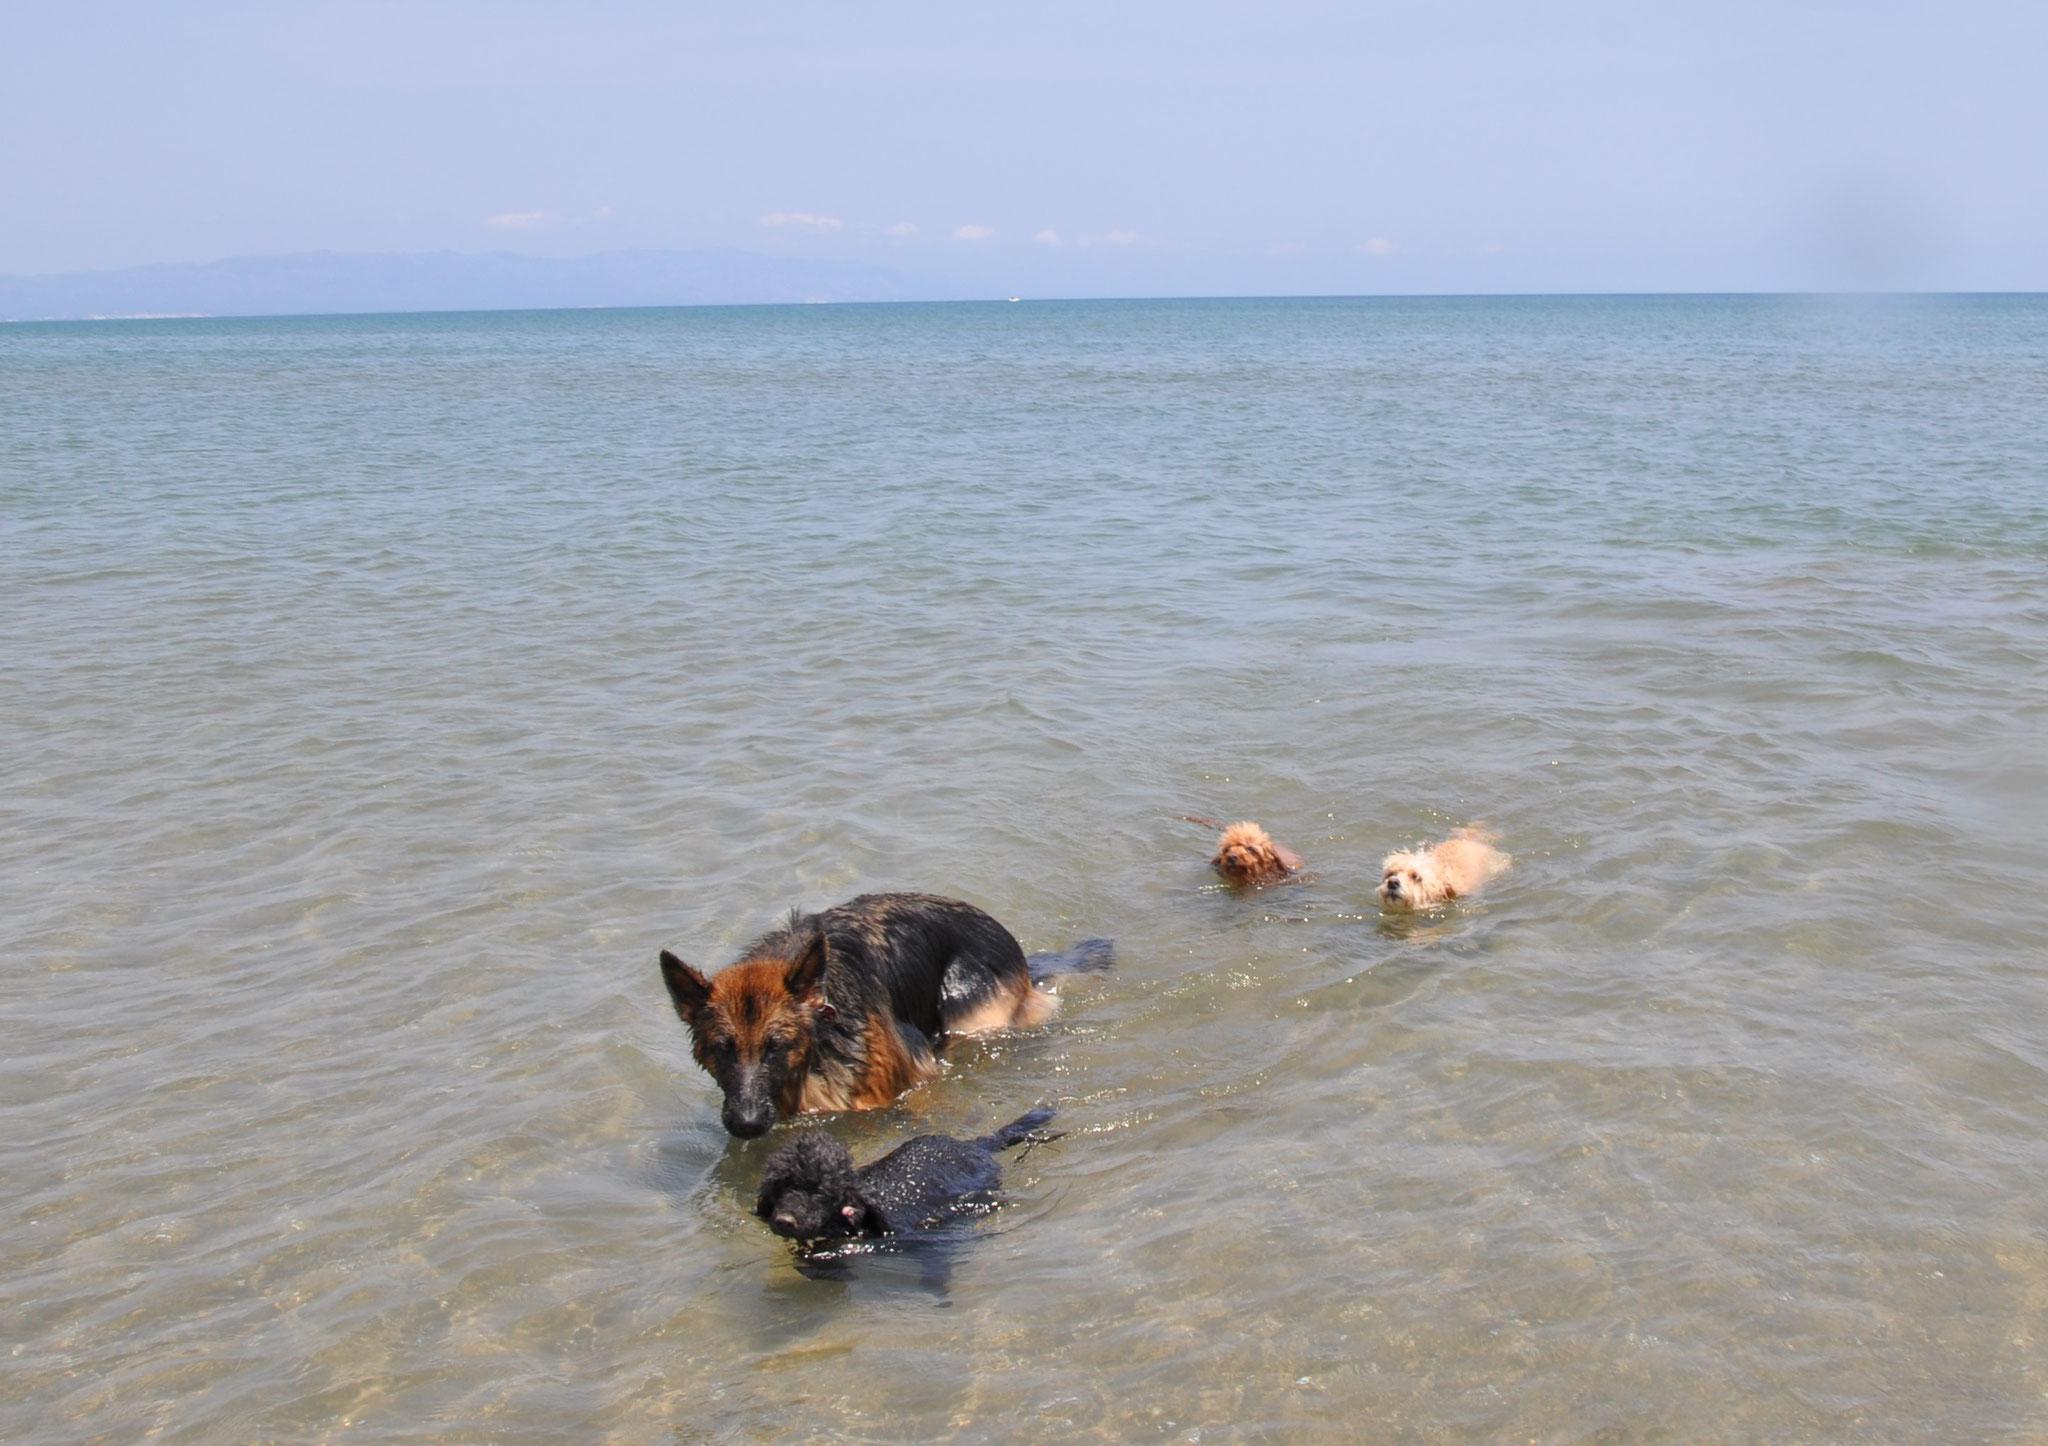 geschwommen ist sie nur selten